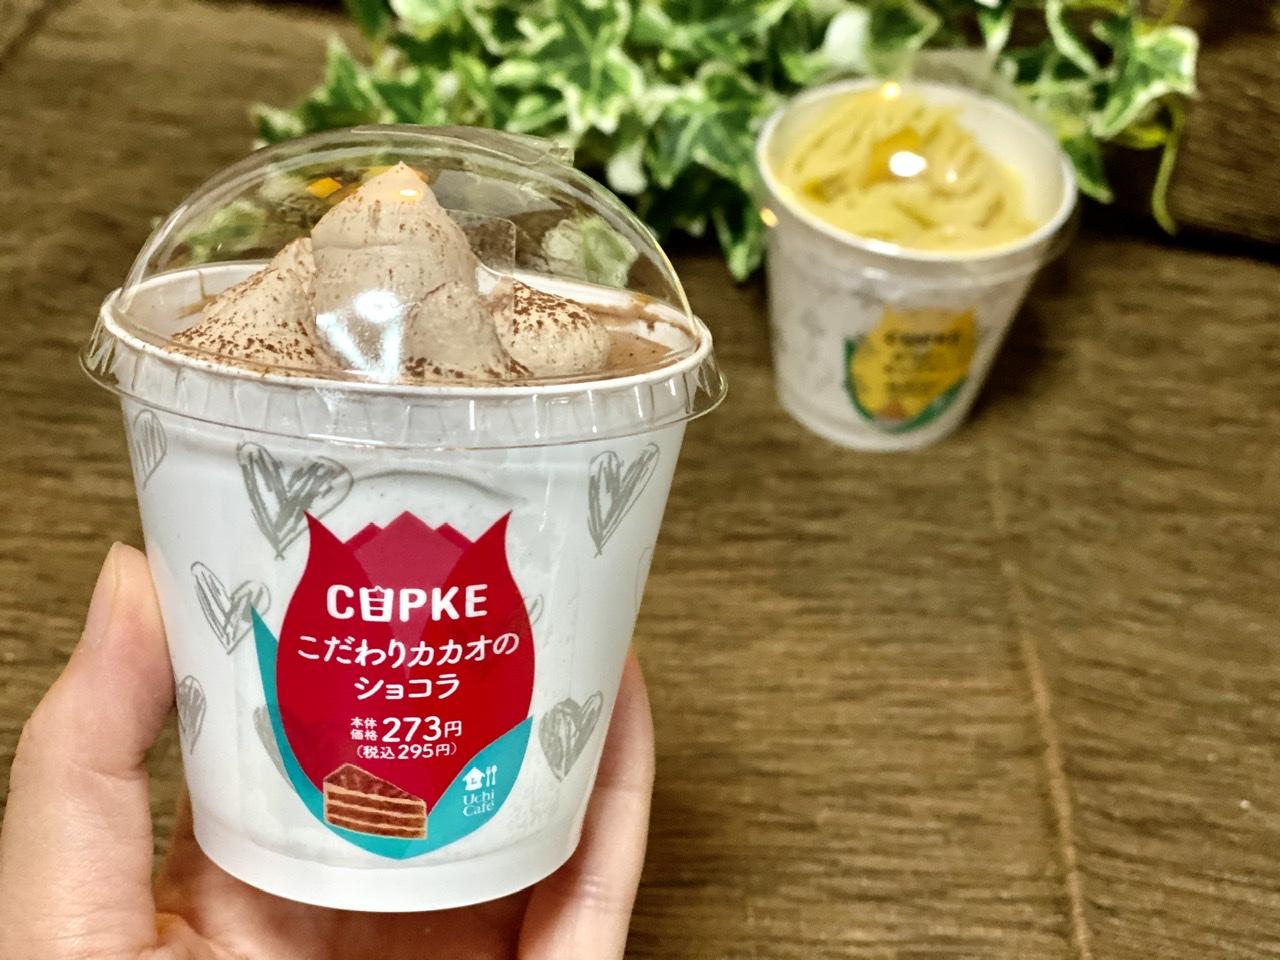 【ローソンスイーツ】可愛すぎて2つ買い♡《CUPKE(カプケ)》から春の新作3品登場!_3